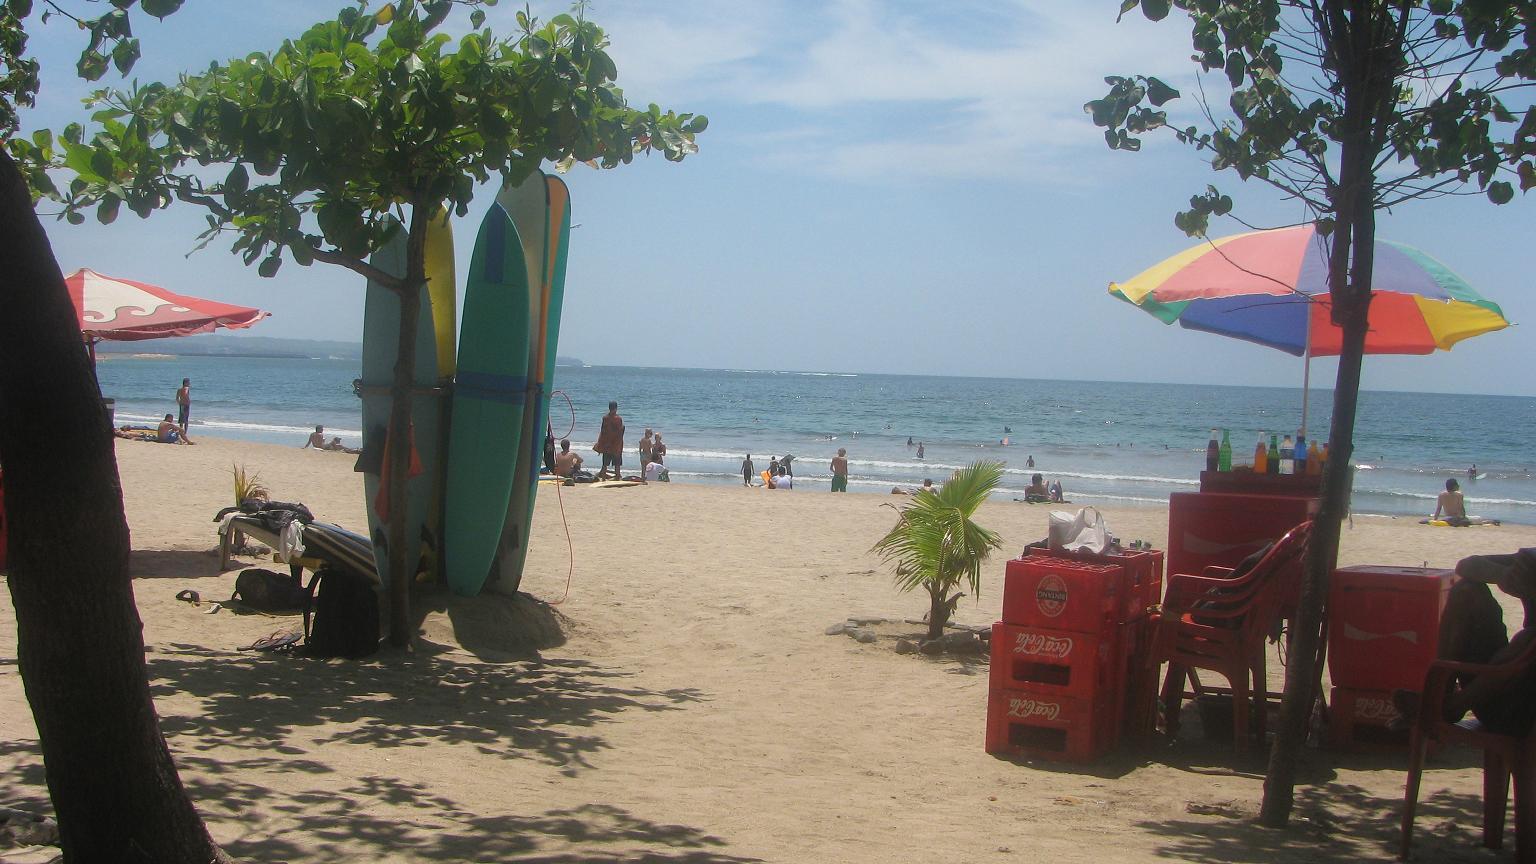 bali_beach_surfing